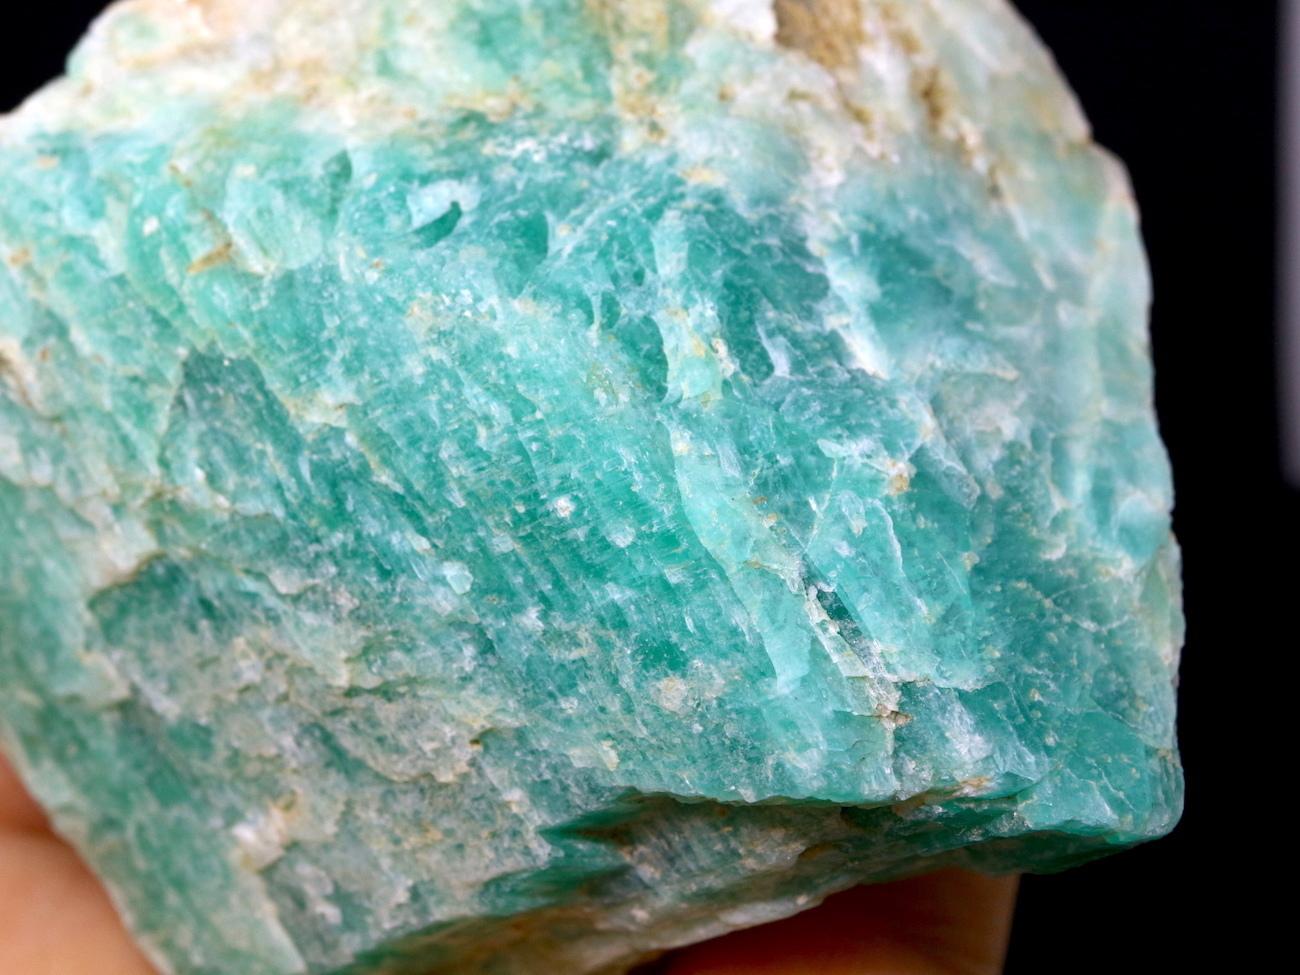 アマゾナイト モザンビーク産 原石 156,4g AZ0025 天河石(てんがせき) 鉱物 天然石